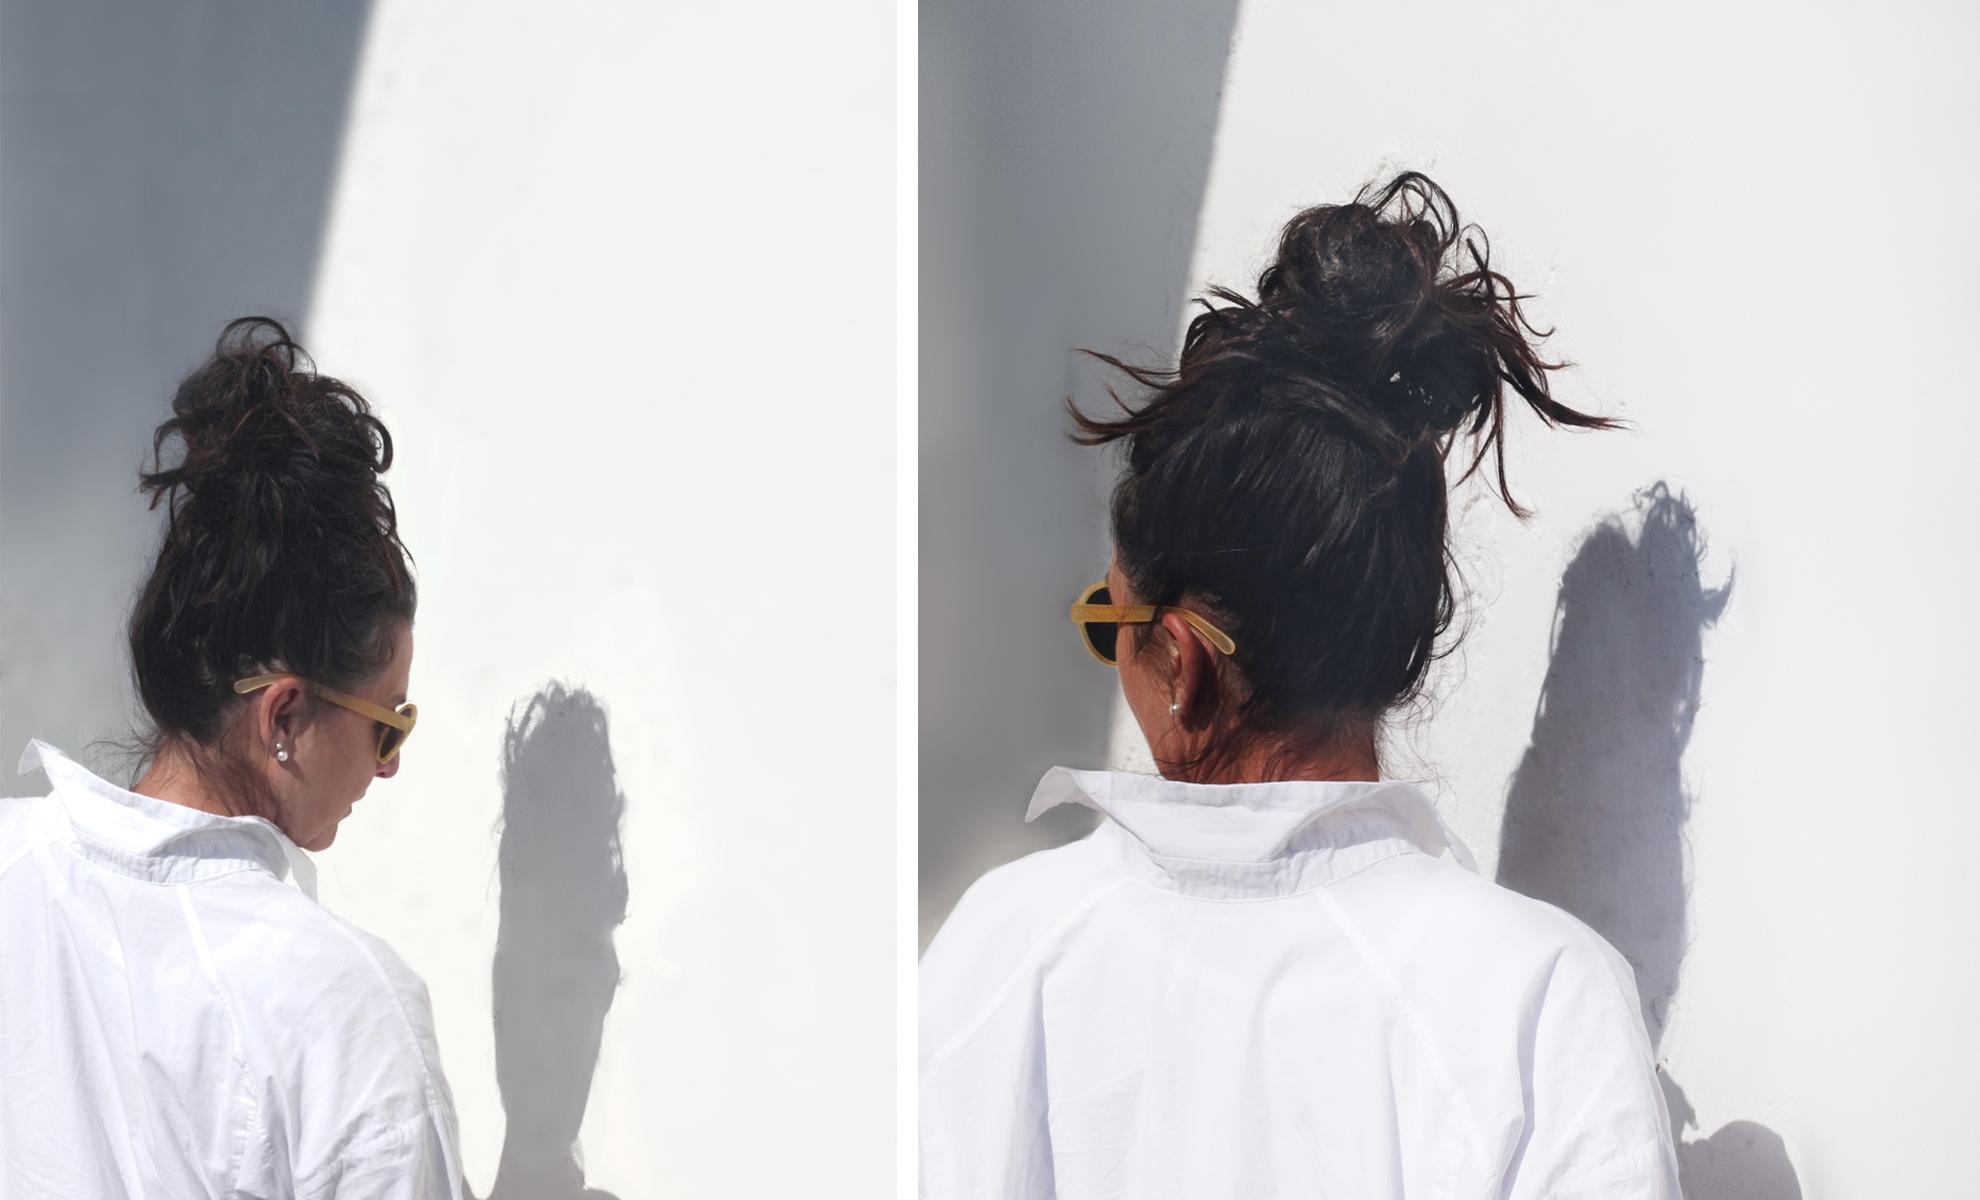 Haare grauen strähnen mit schwarze Schluss mit